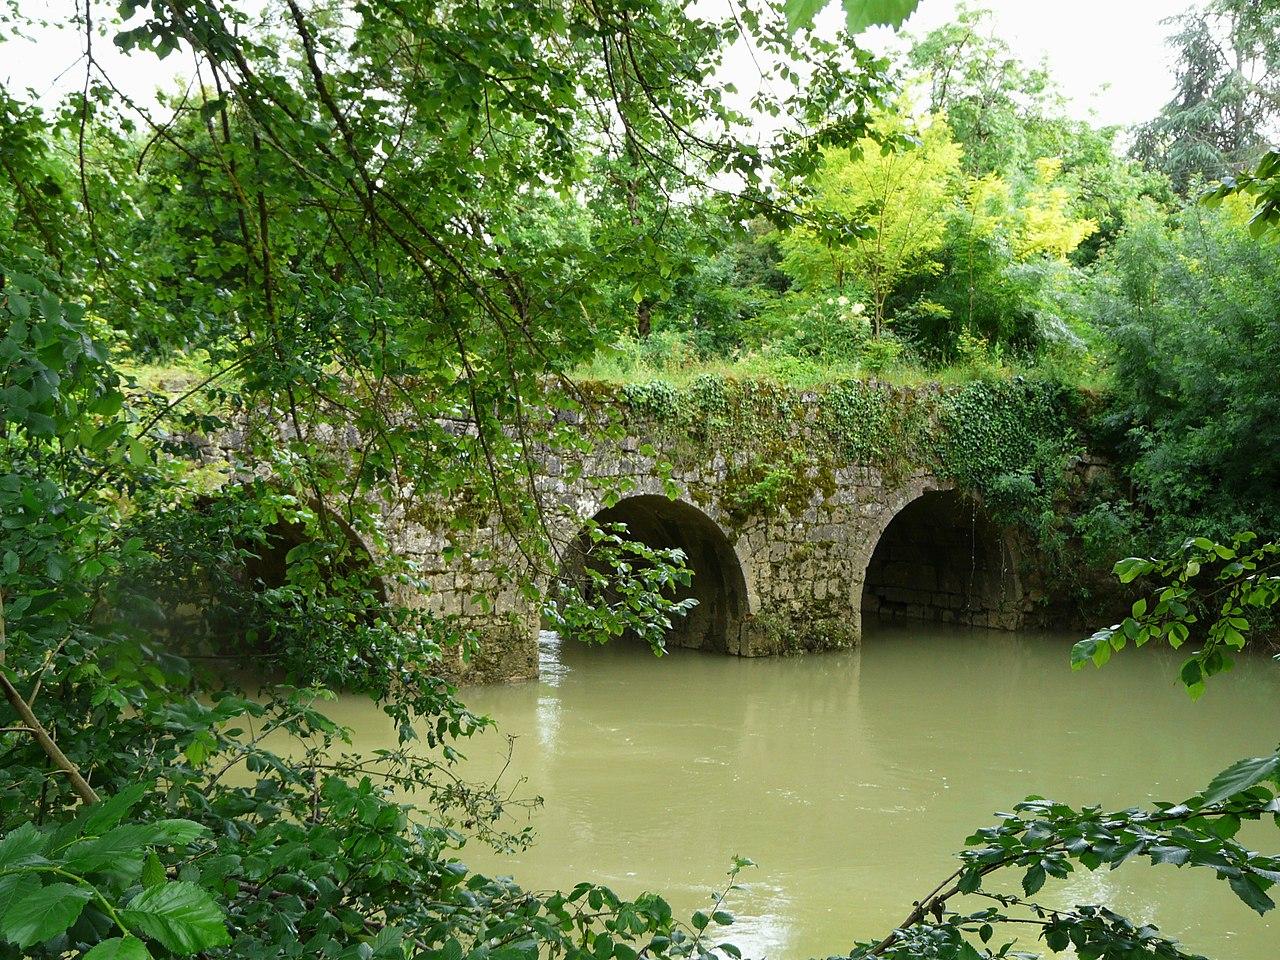 Le pont de Tauziète sur l'Osse entre Andiran et Nérac